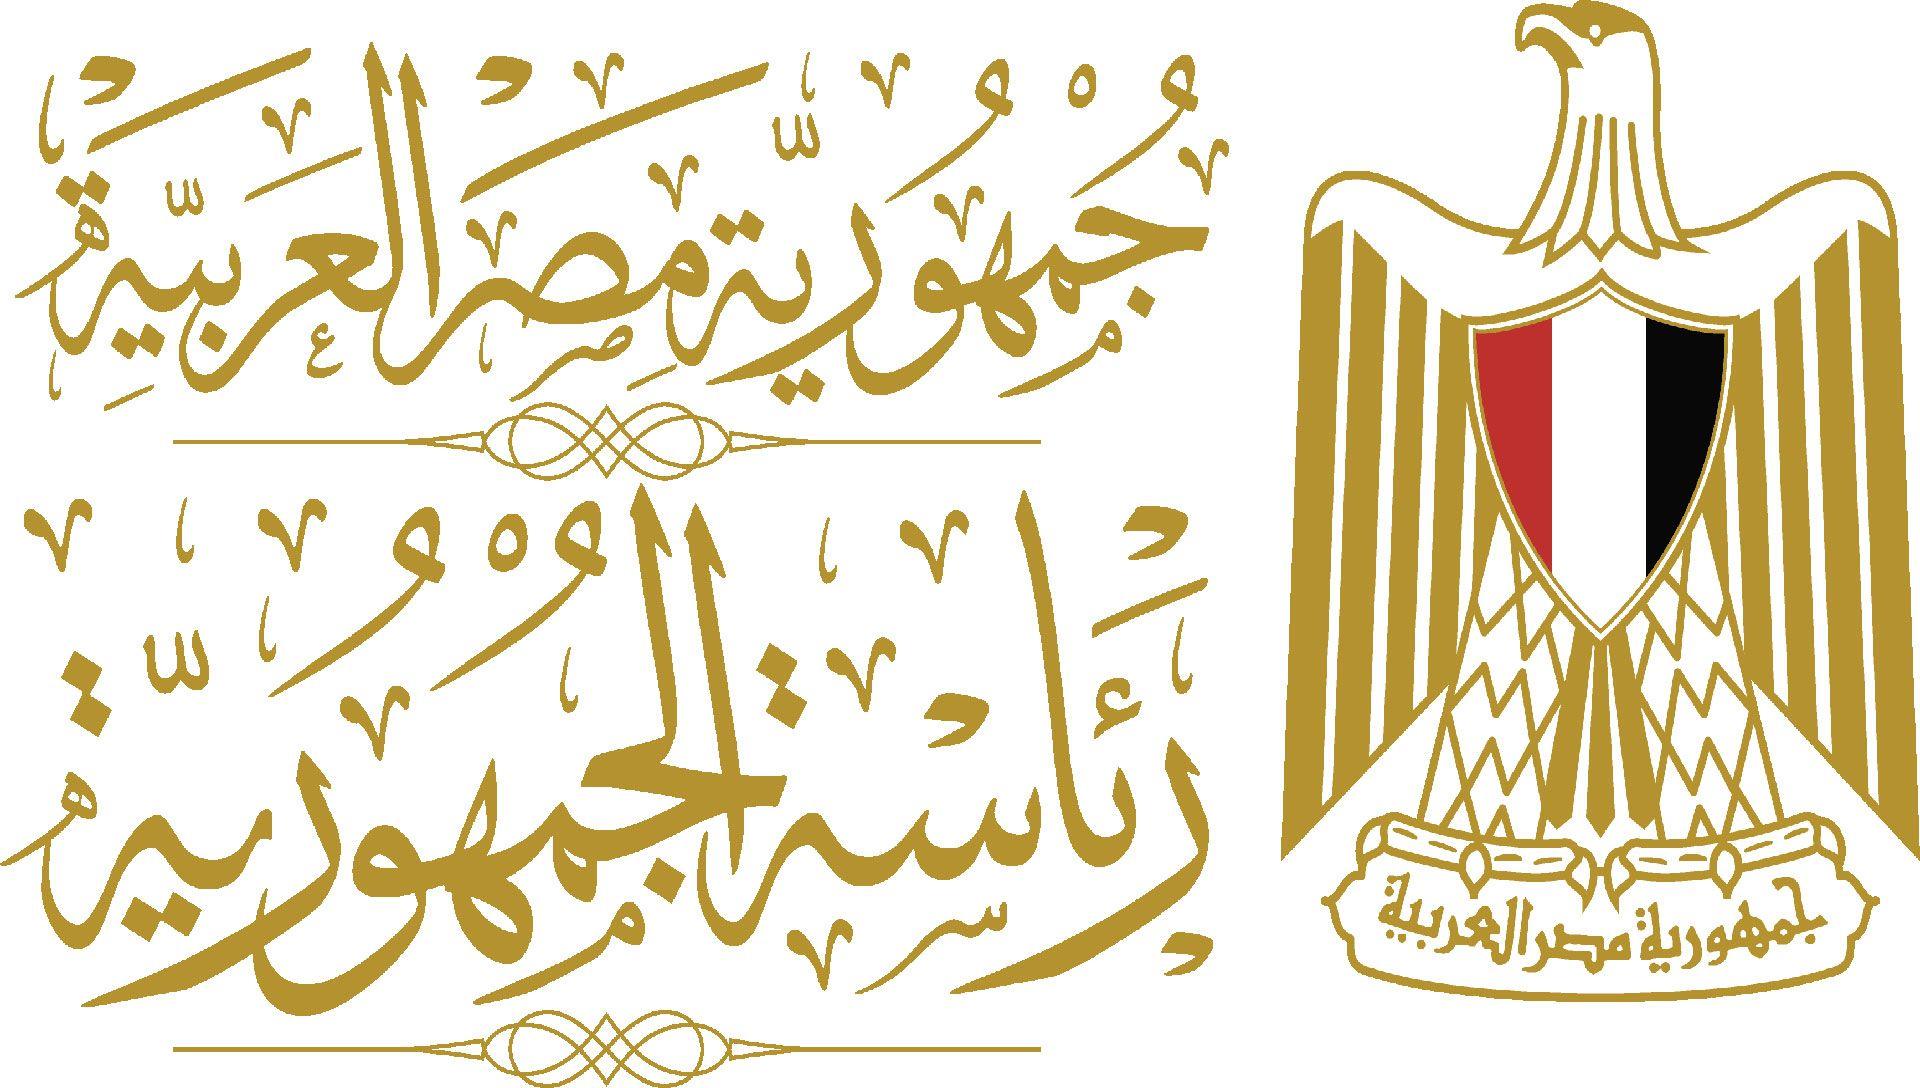 مصر تدين ميليشيا الحوثي بشن هجمات باستخدام طائرات م فخخة على المملكة العربية السعودية In 2021 Arabic Calligraphy Calligraphy Art